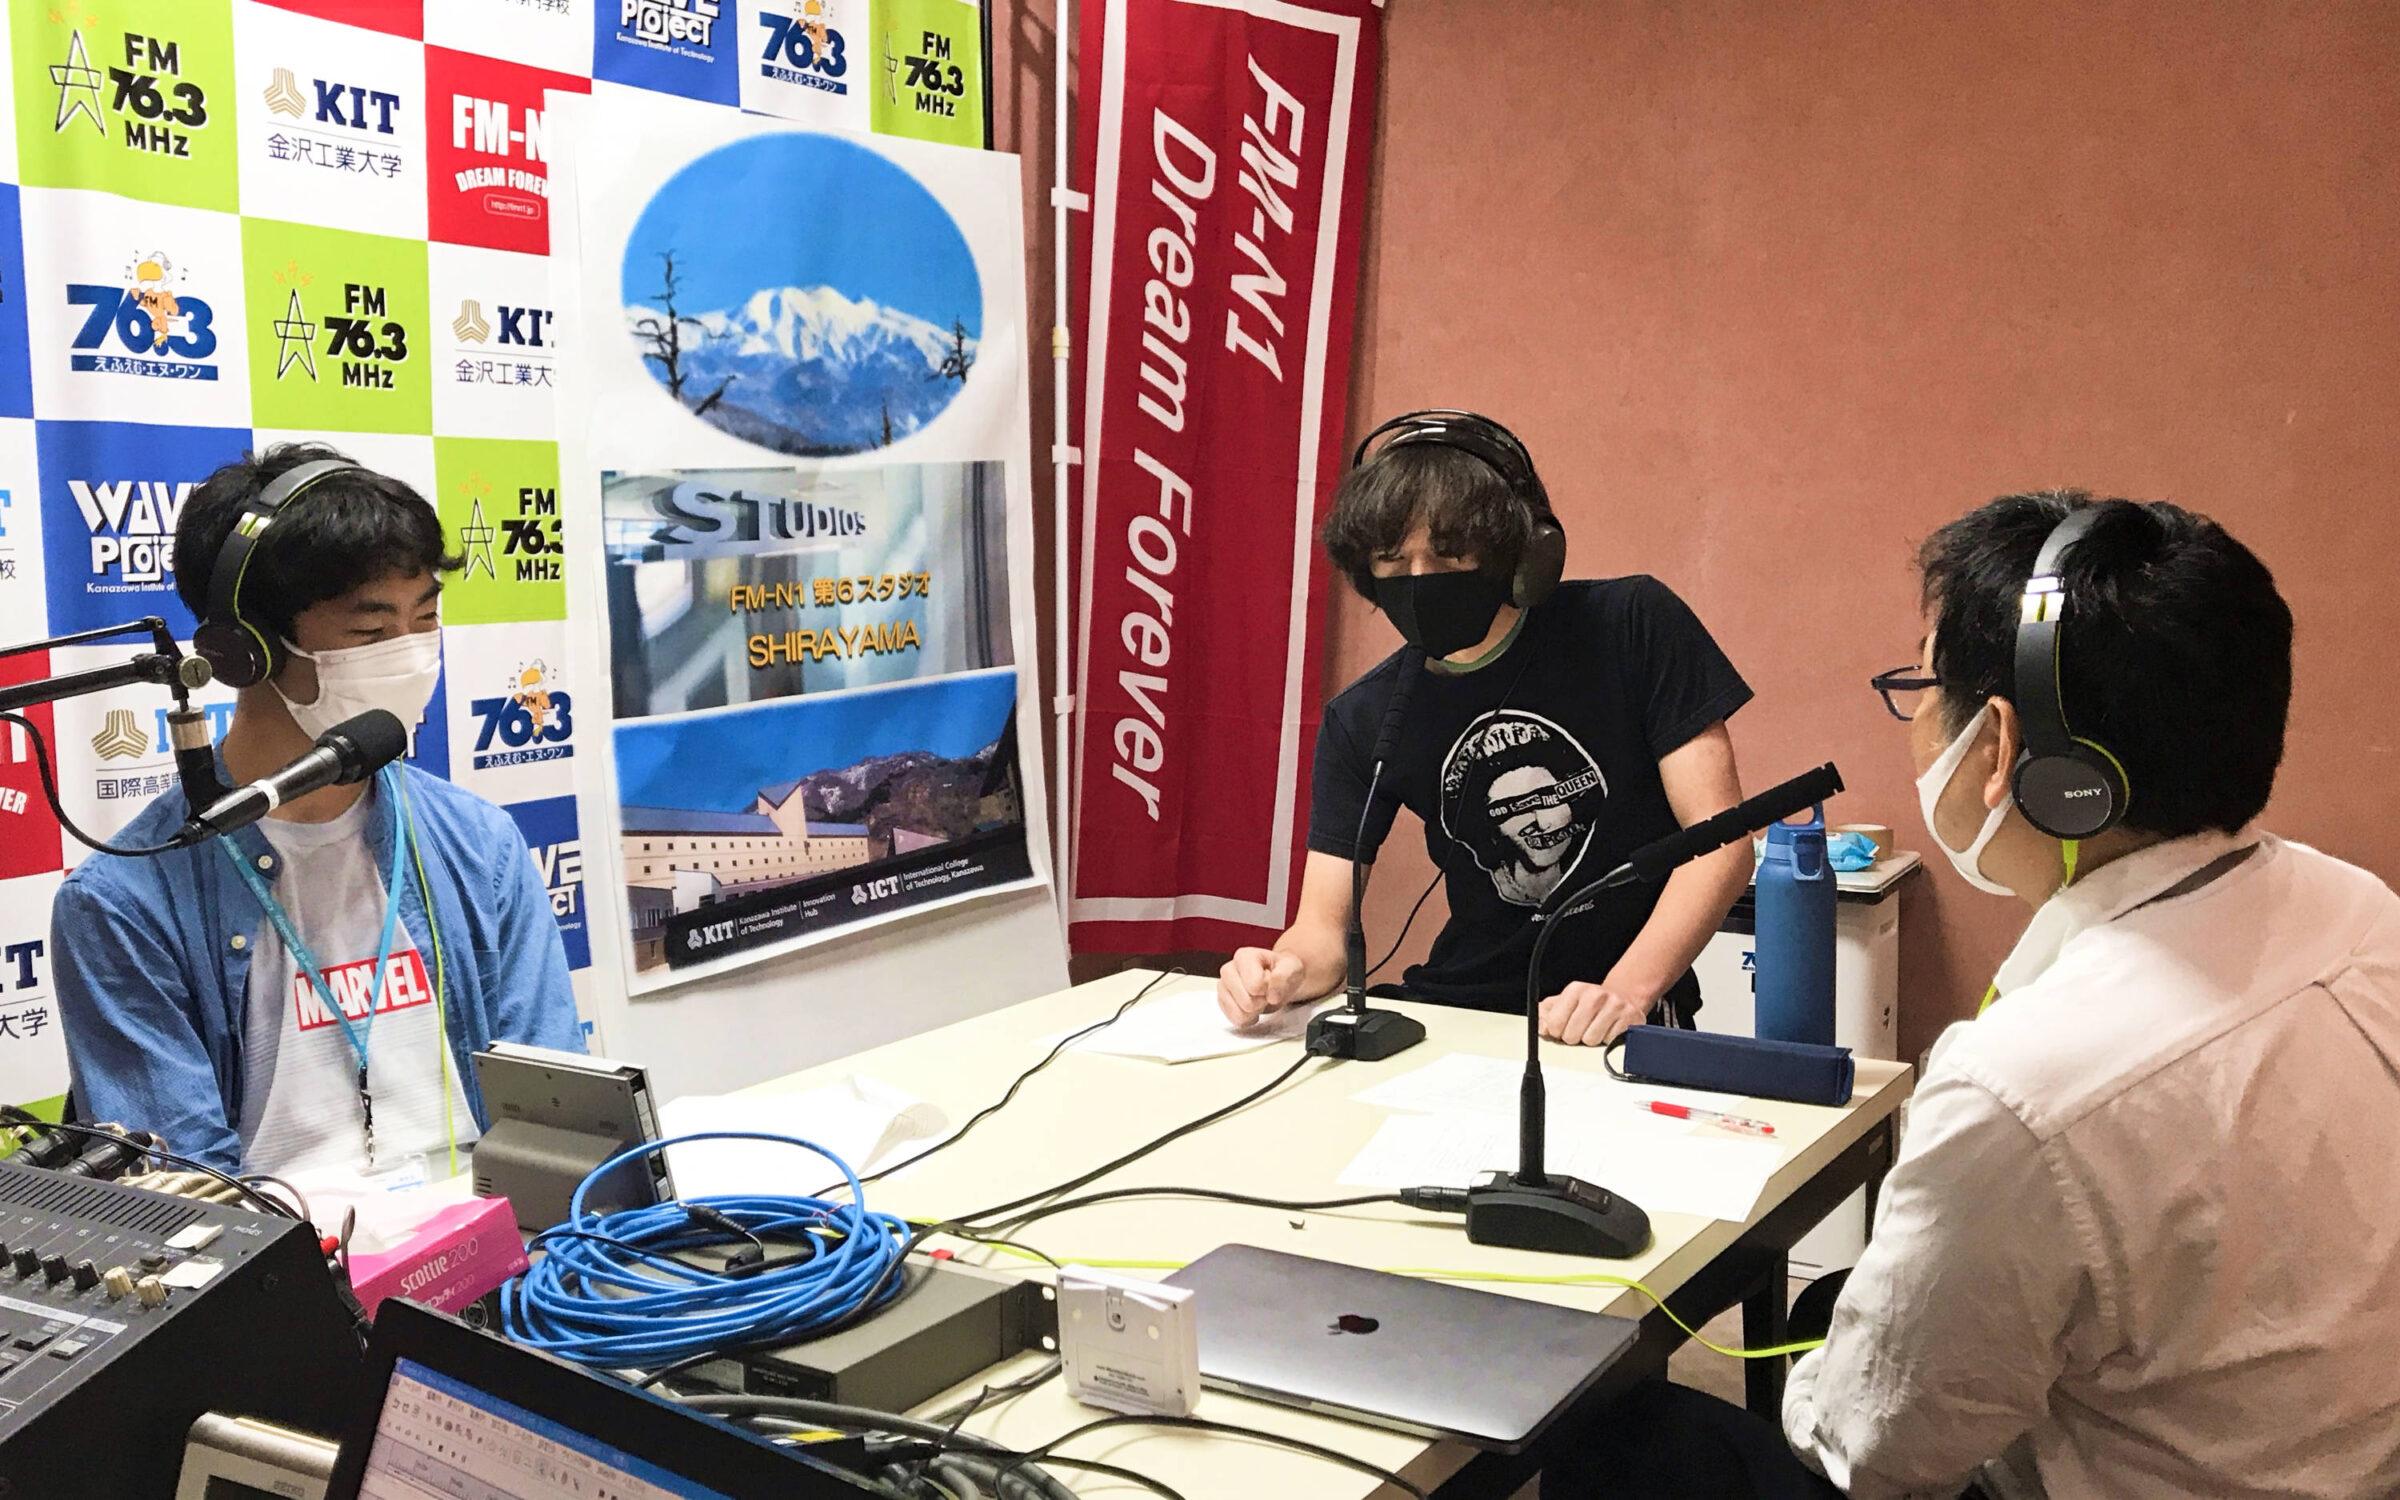 国際高専生がインターネットを通じて全世界にラジオ番組を配信